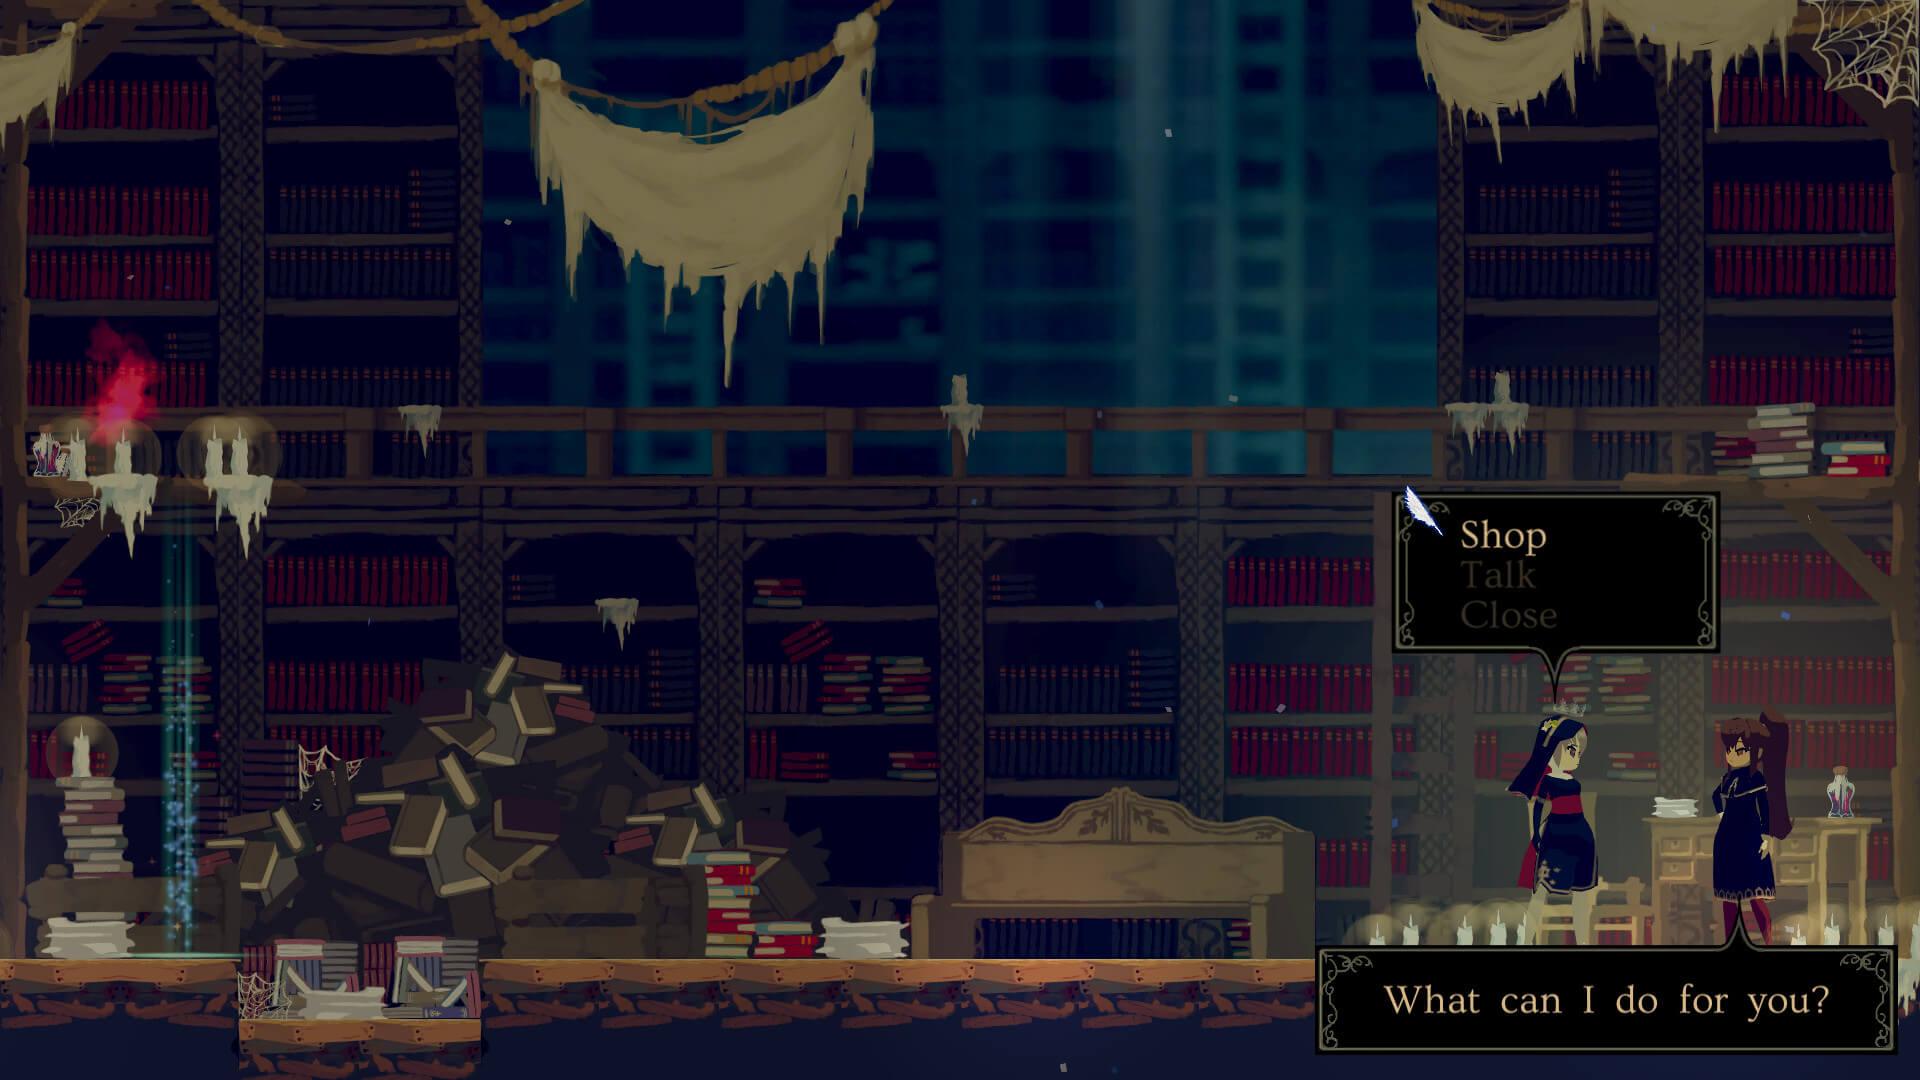 Скриншот из игры Minoria